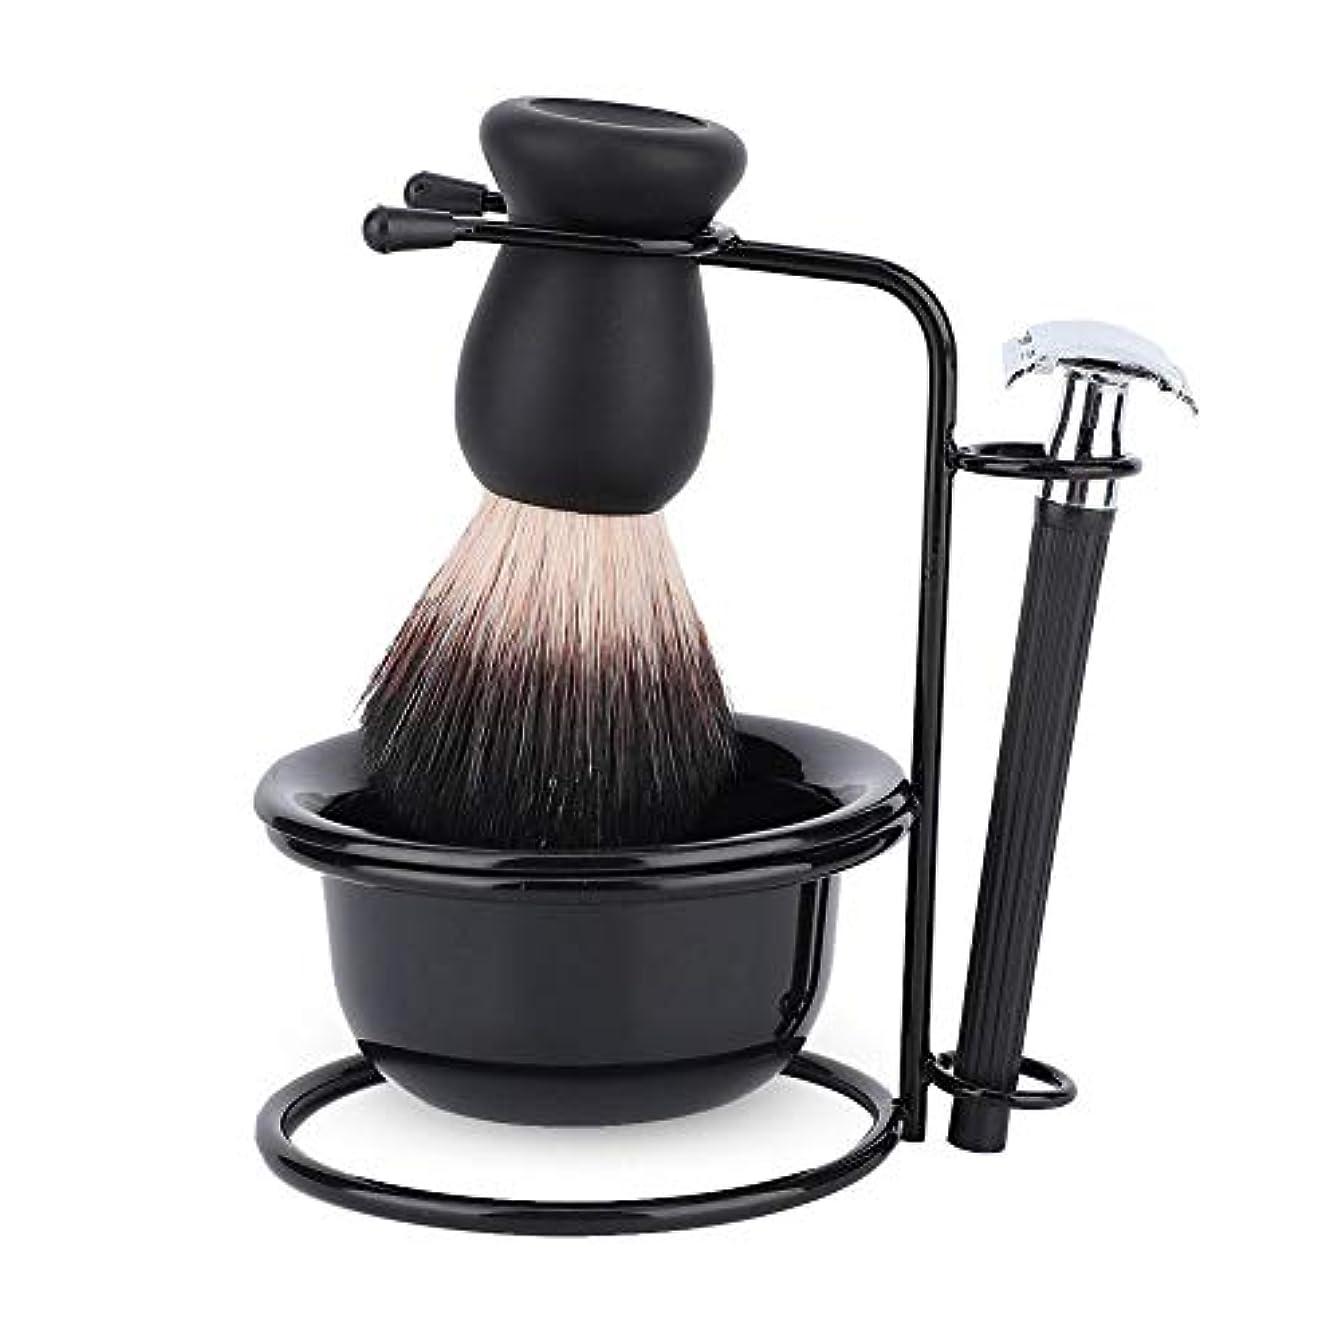 それによって変動する水素シェービングブラシセット ホルダー 剃刀 カミソリ プレゼント 洗顔 髭剃り 柔らかい毛 泡立ち メンズ